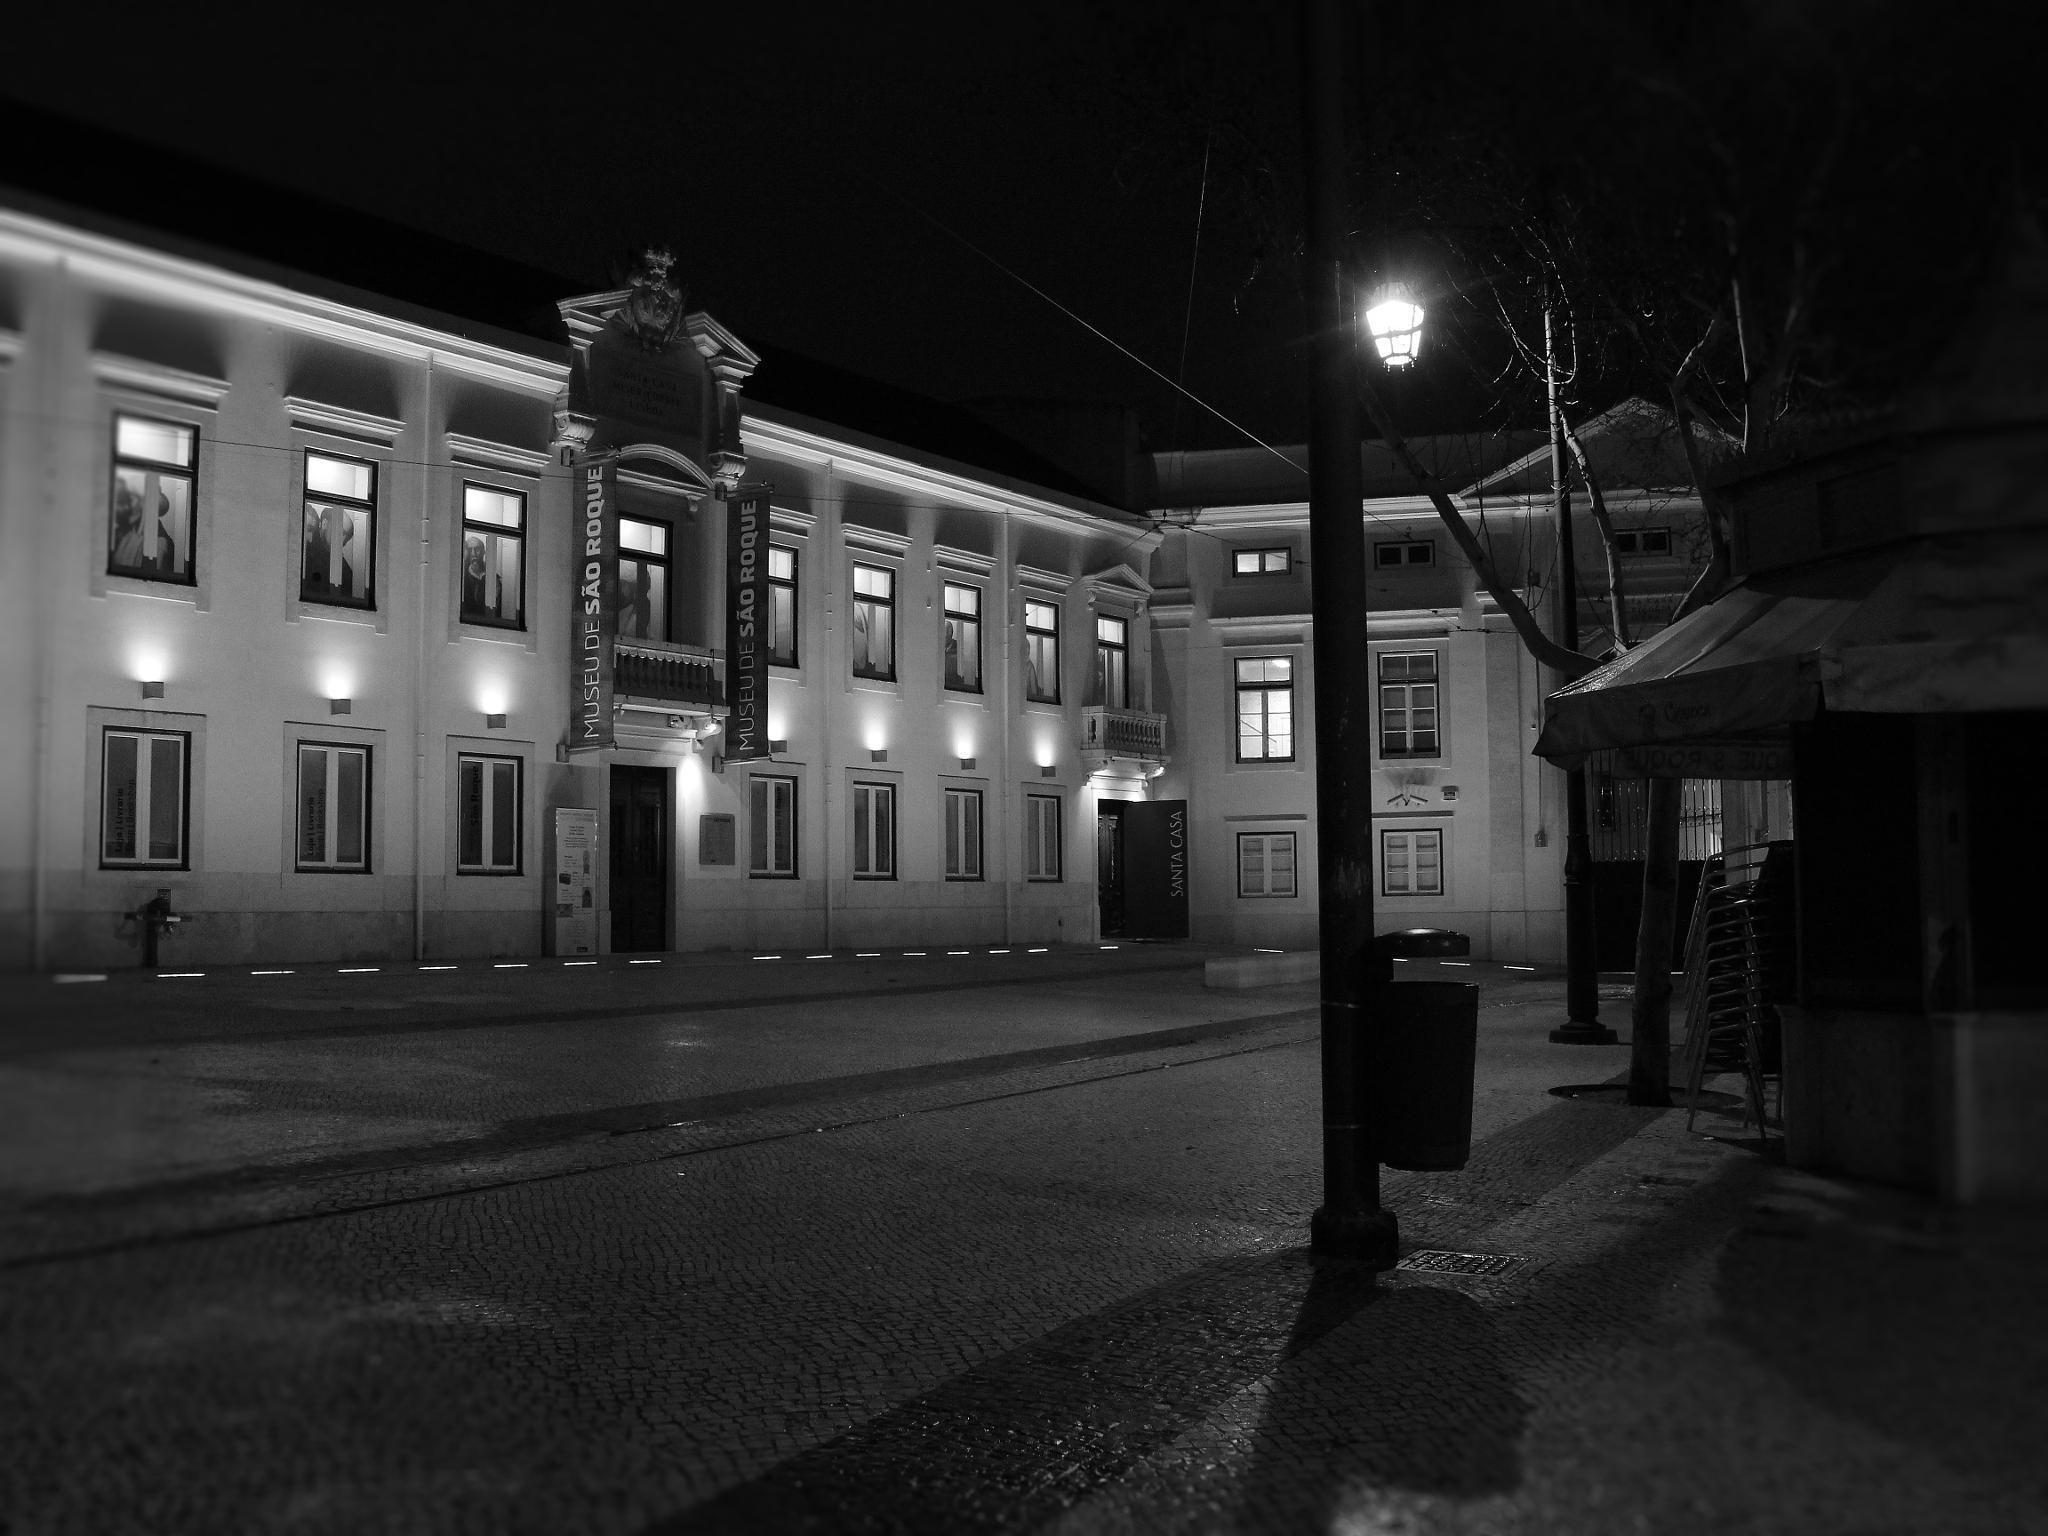 Largo da Misericórdia, Chiado, Lisbon by carlosmsantos